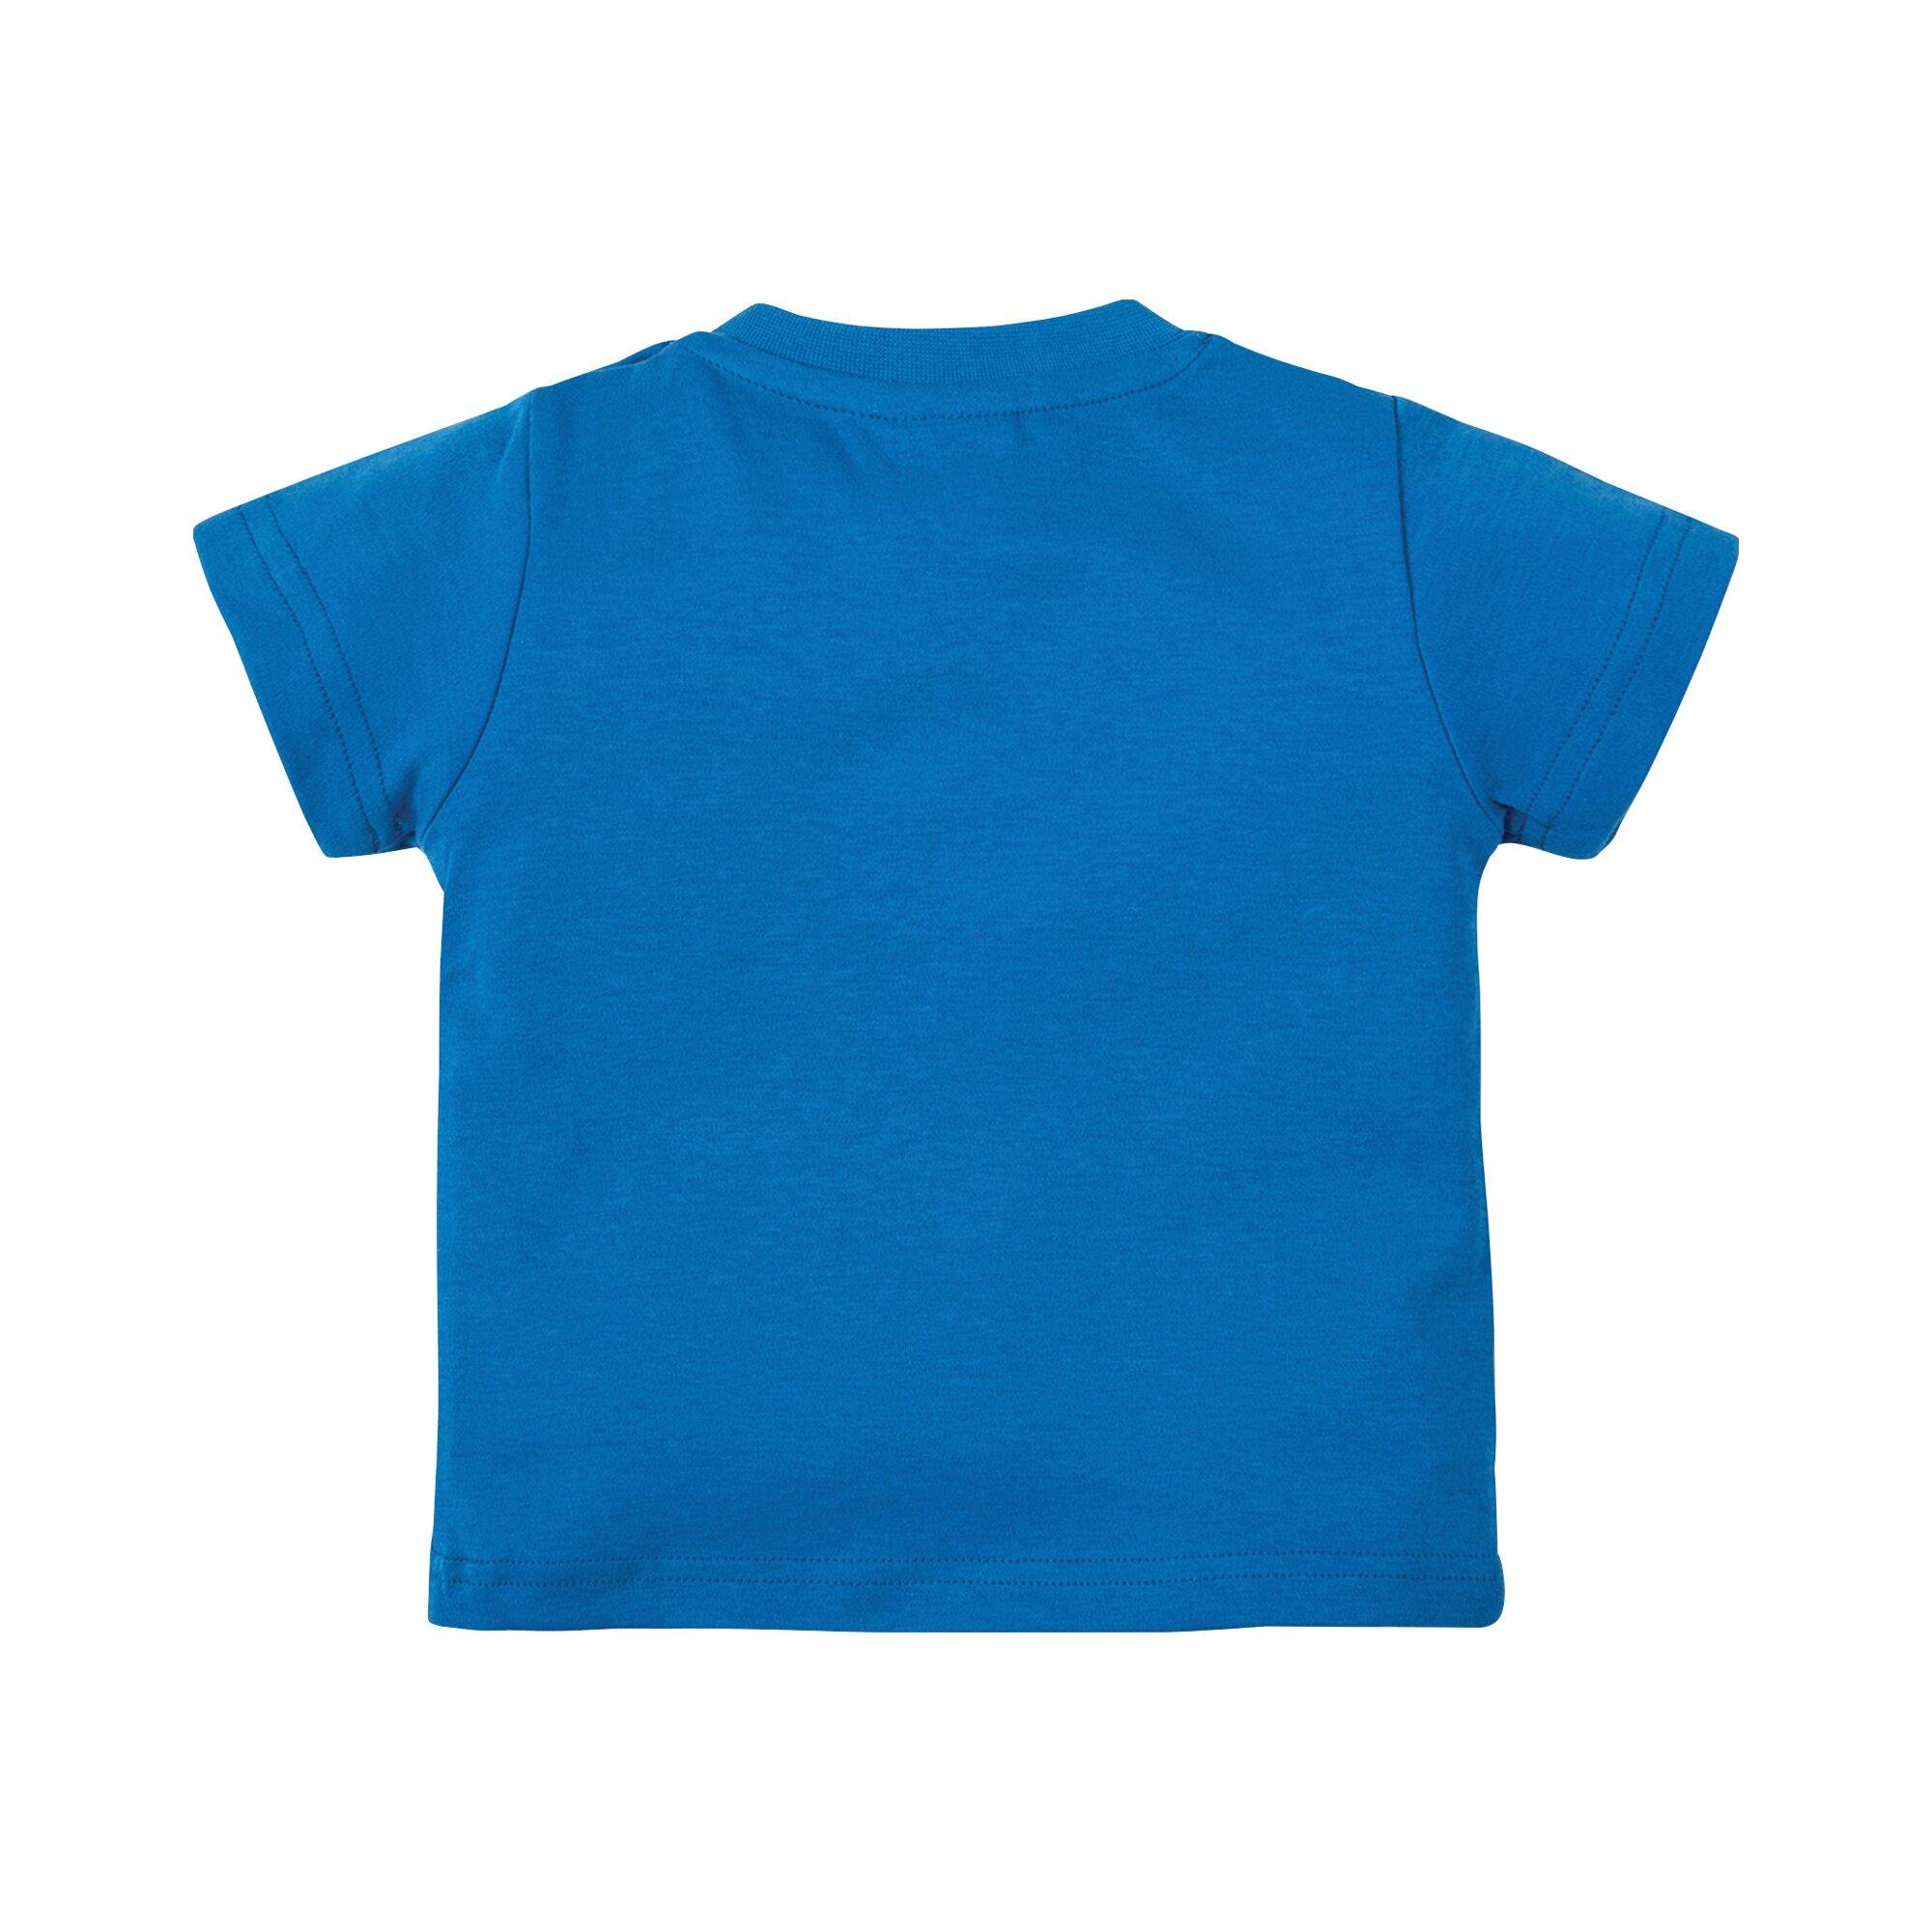 frugi-t-shirt-regenbogen